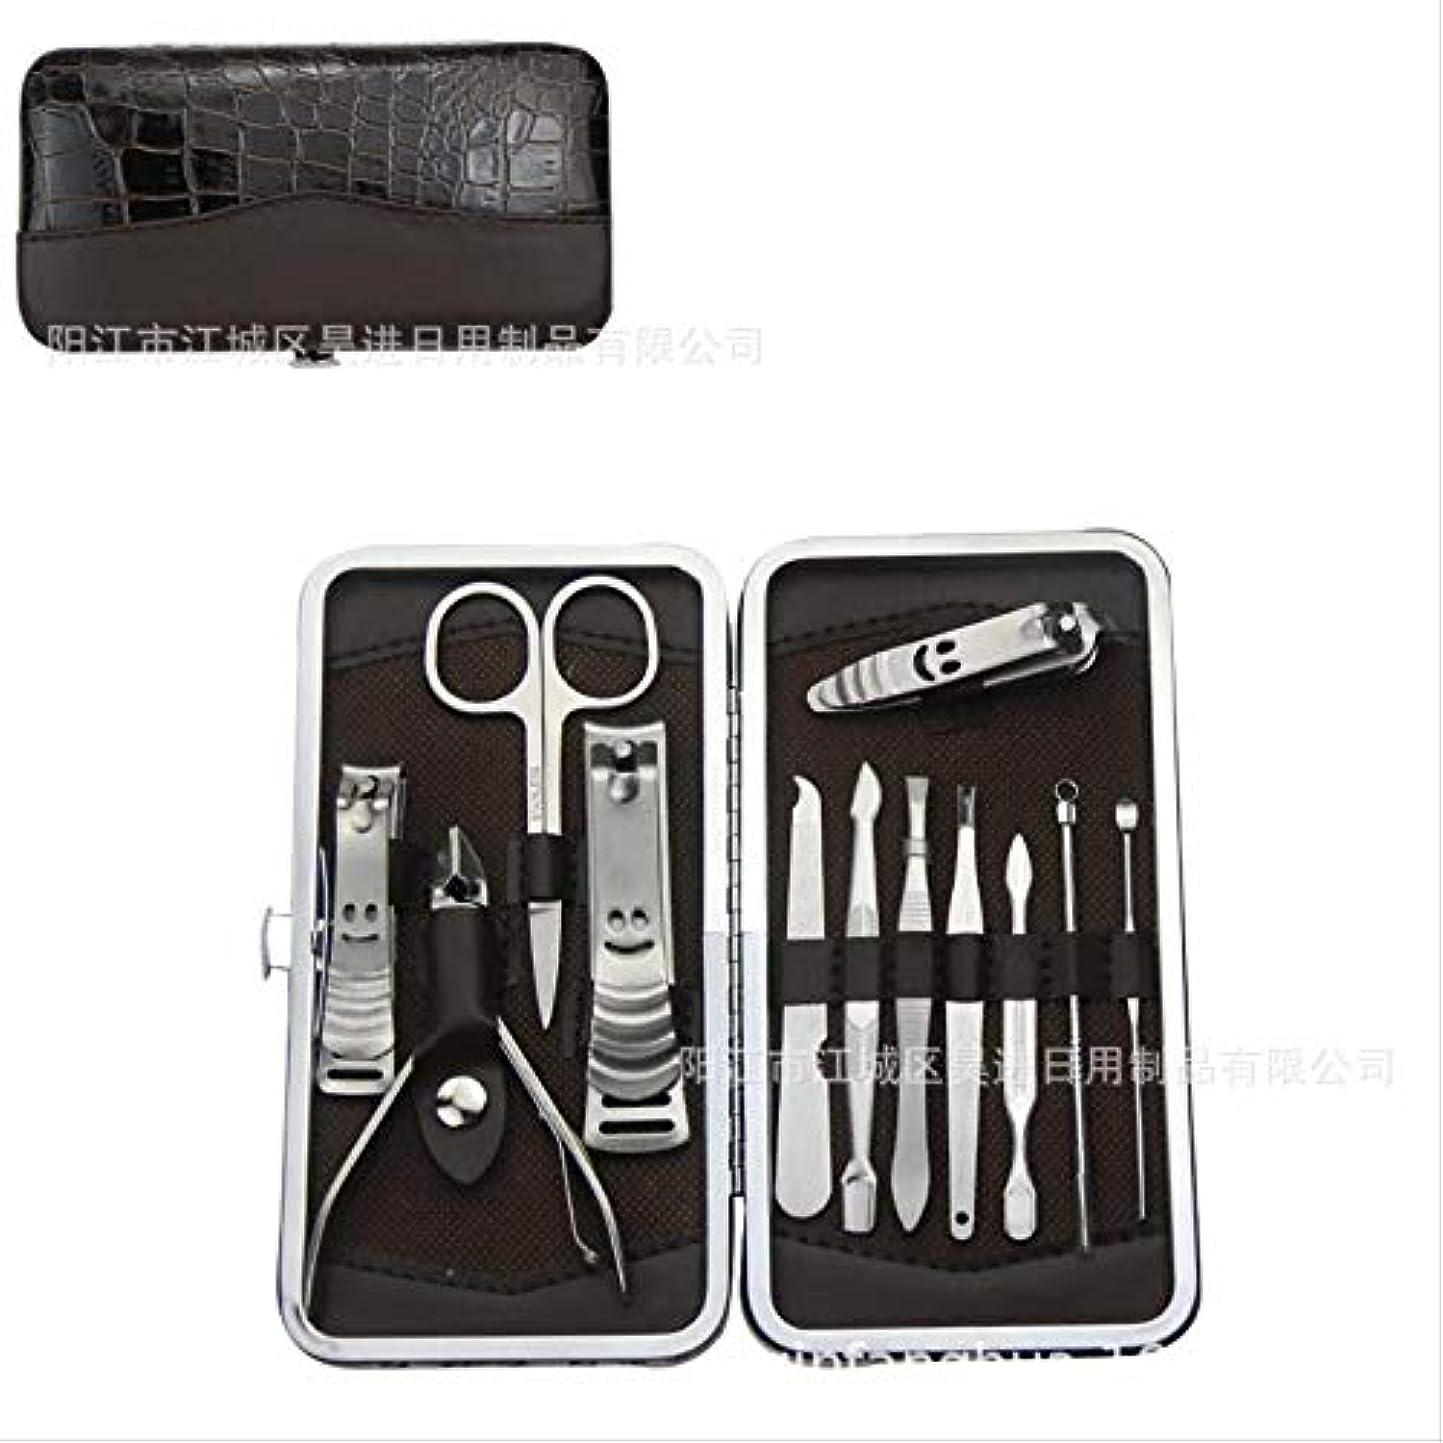 計器承認ケイ素爪切りセット12ステンレス鋼爪切りセット美容マニキュアツール爪切り爪やすり 明るい茶色のワニステンレス鋼はツーピースです